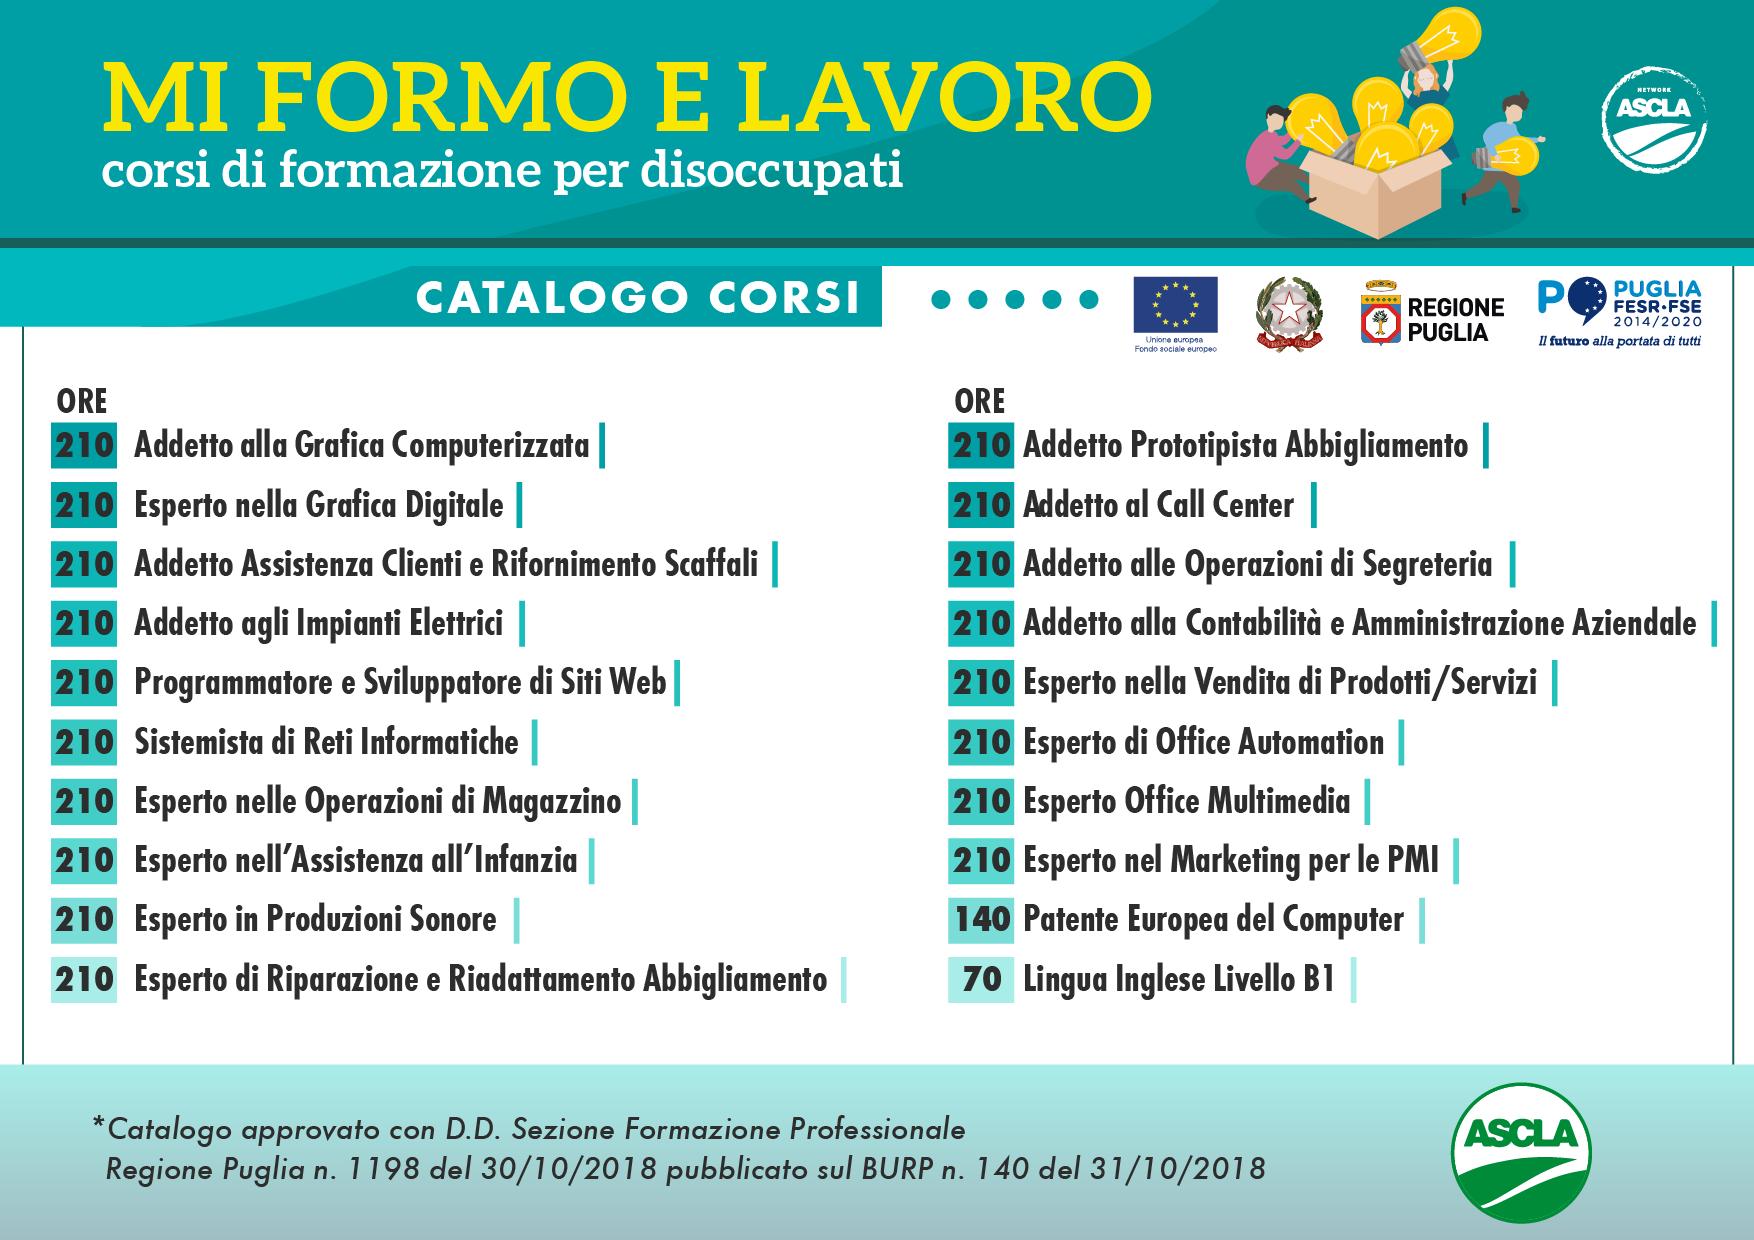 Catalogo_Corsi_Mi_Formo_Lavoro_ASCLA